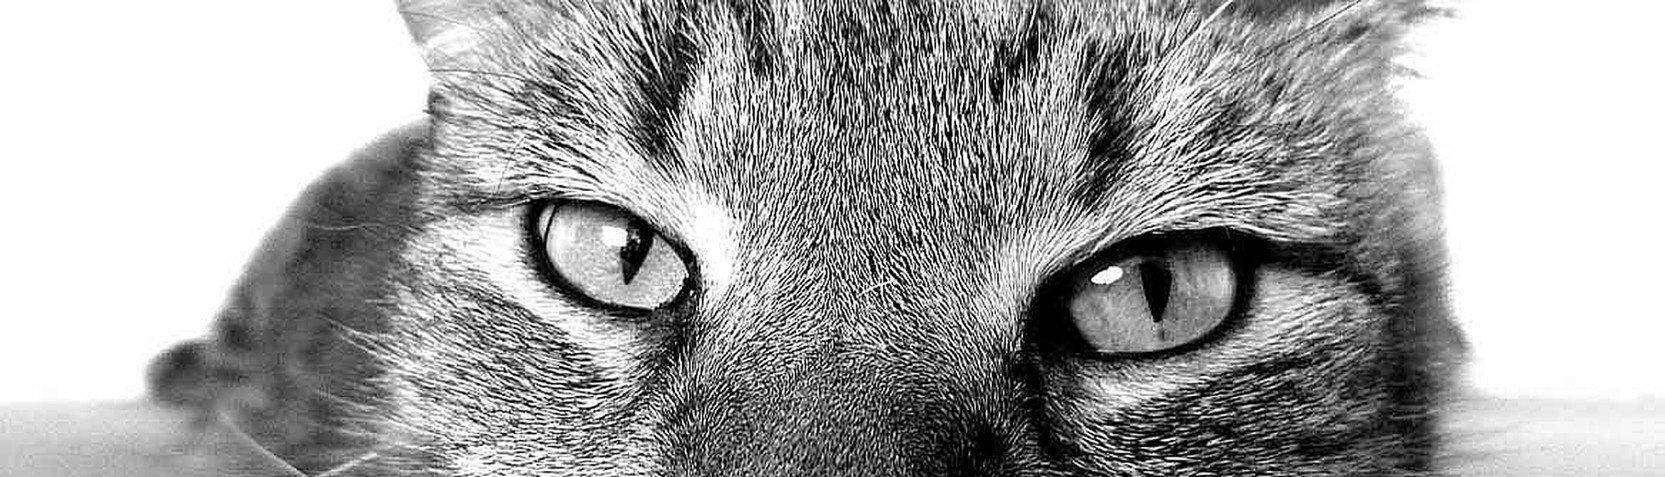 Fotografía - Animales